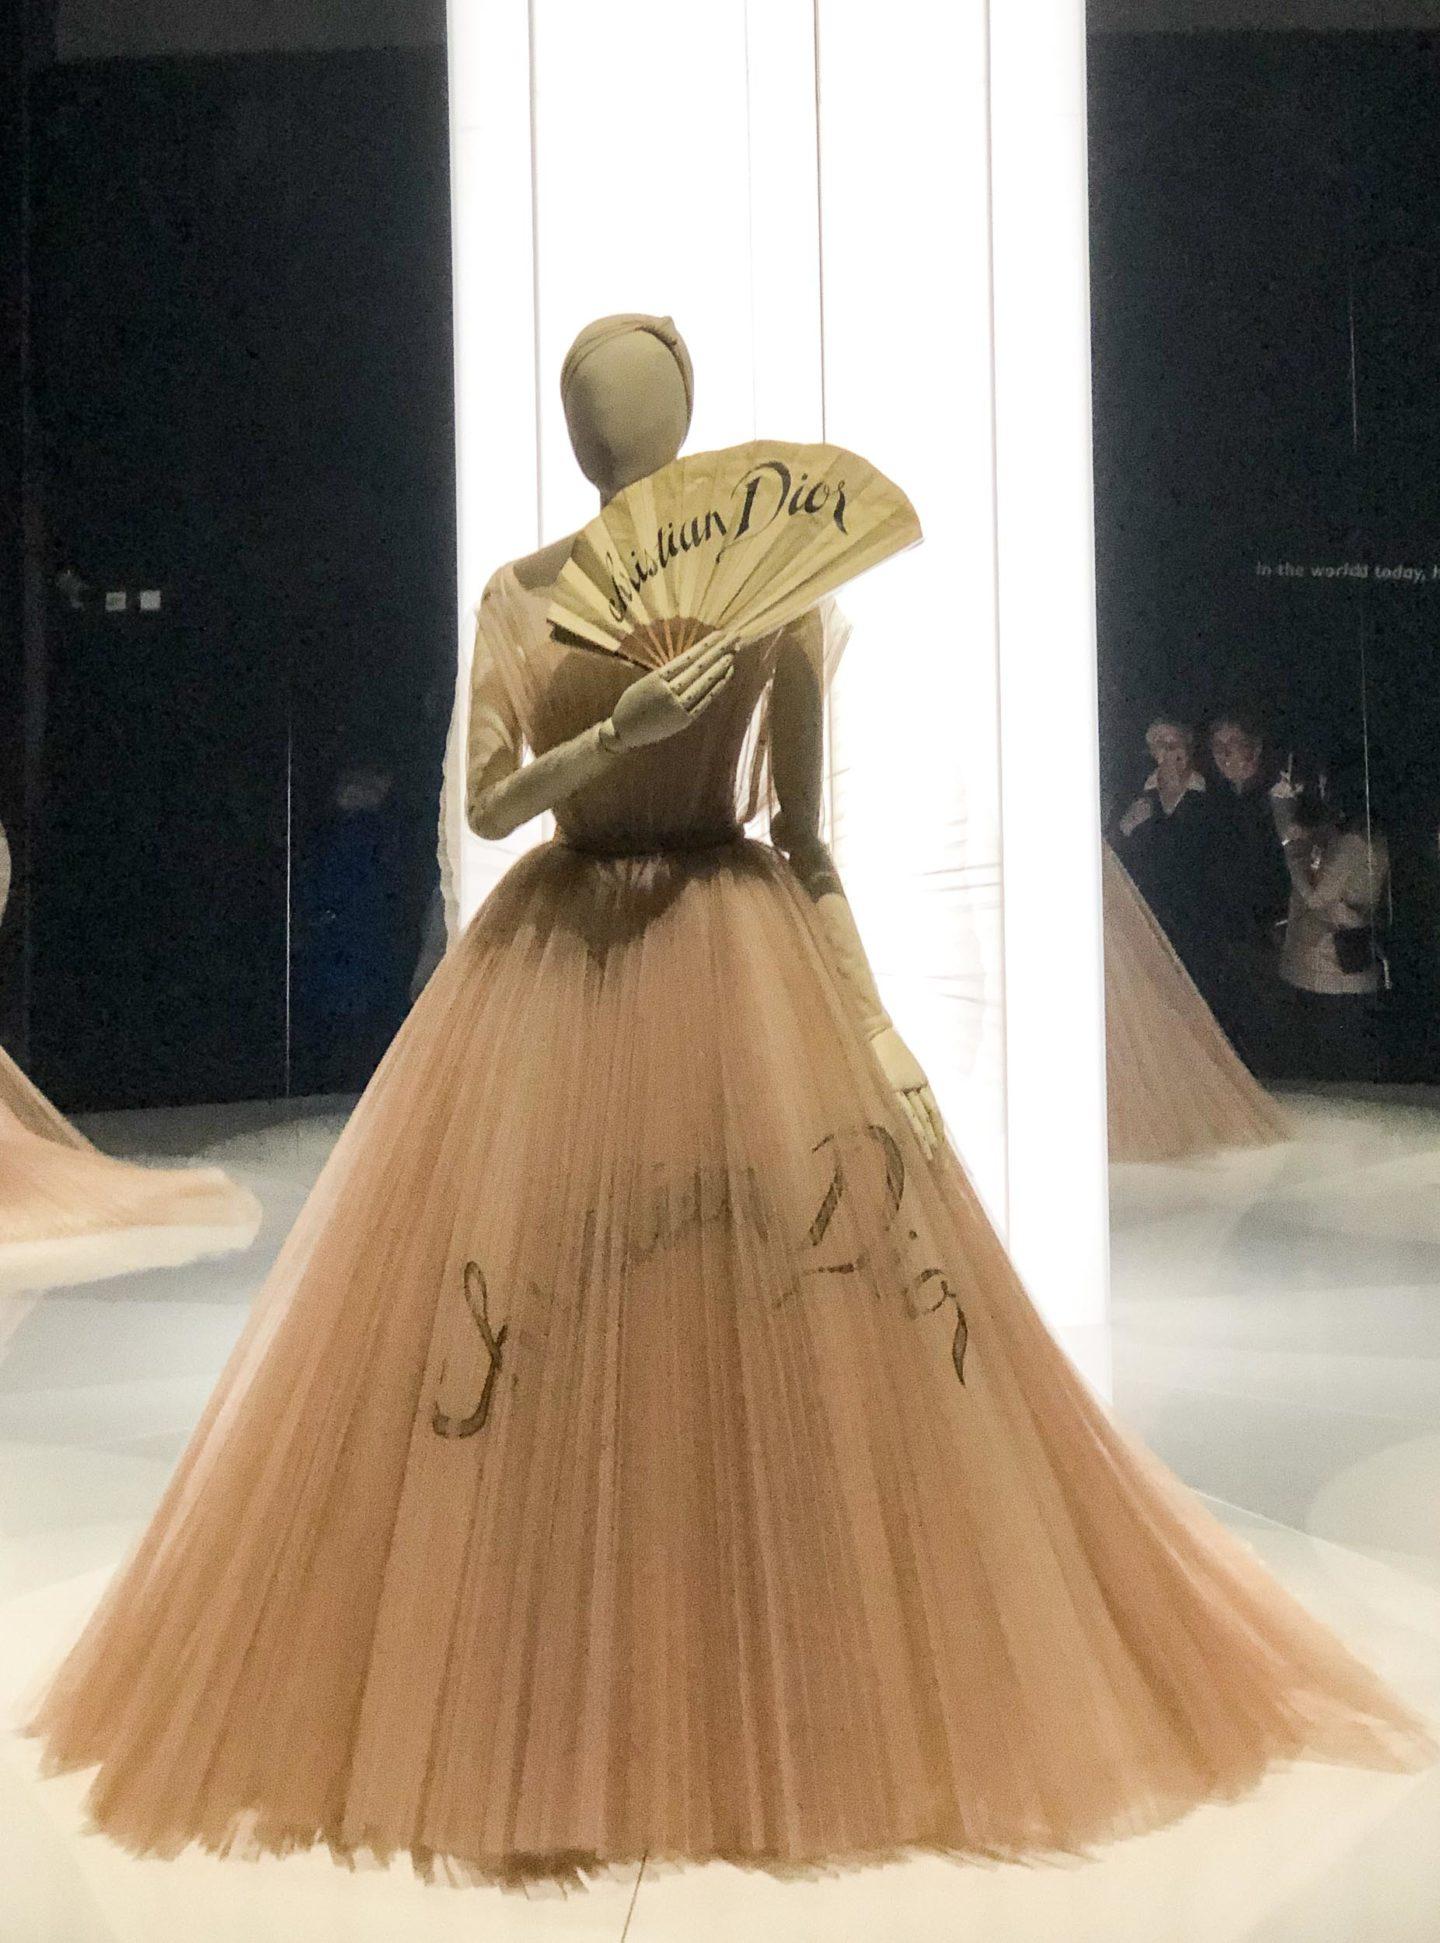 Christian Dior ballgown